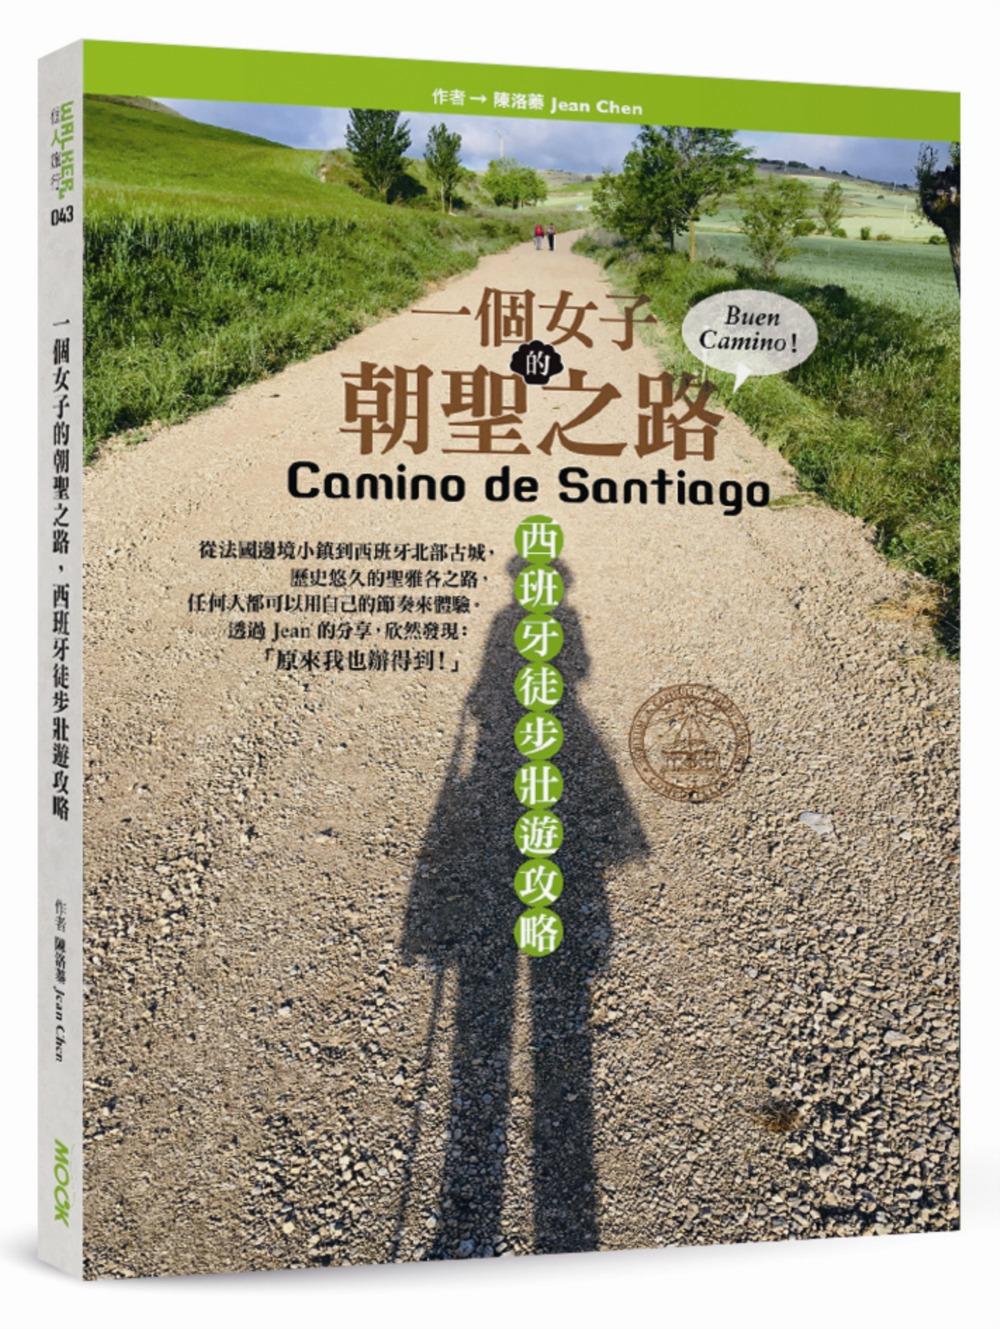 一個女子的朝聖之路,西班牙徒步...